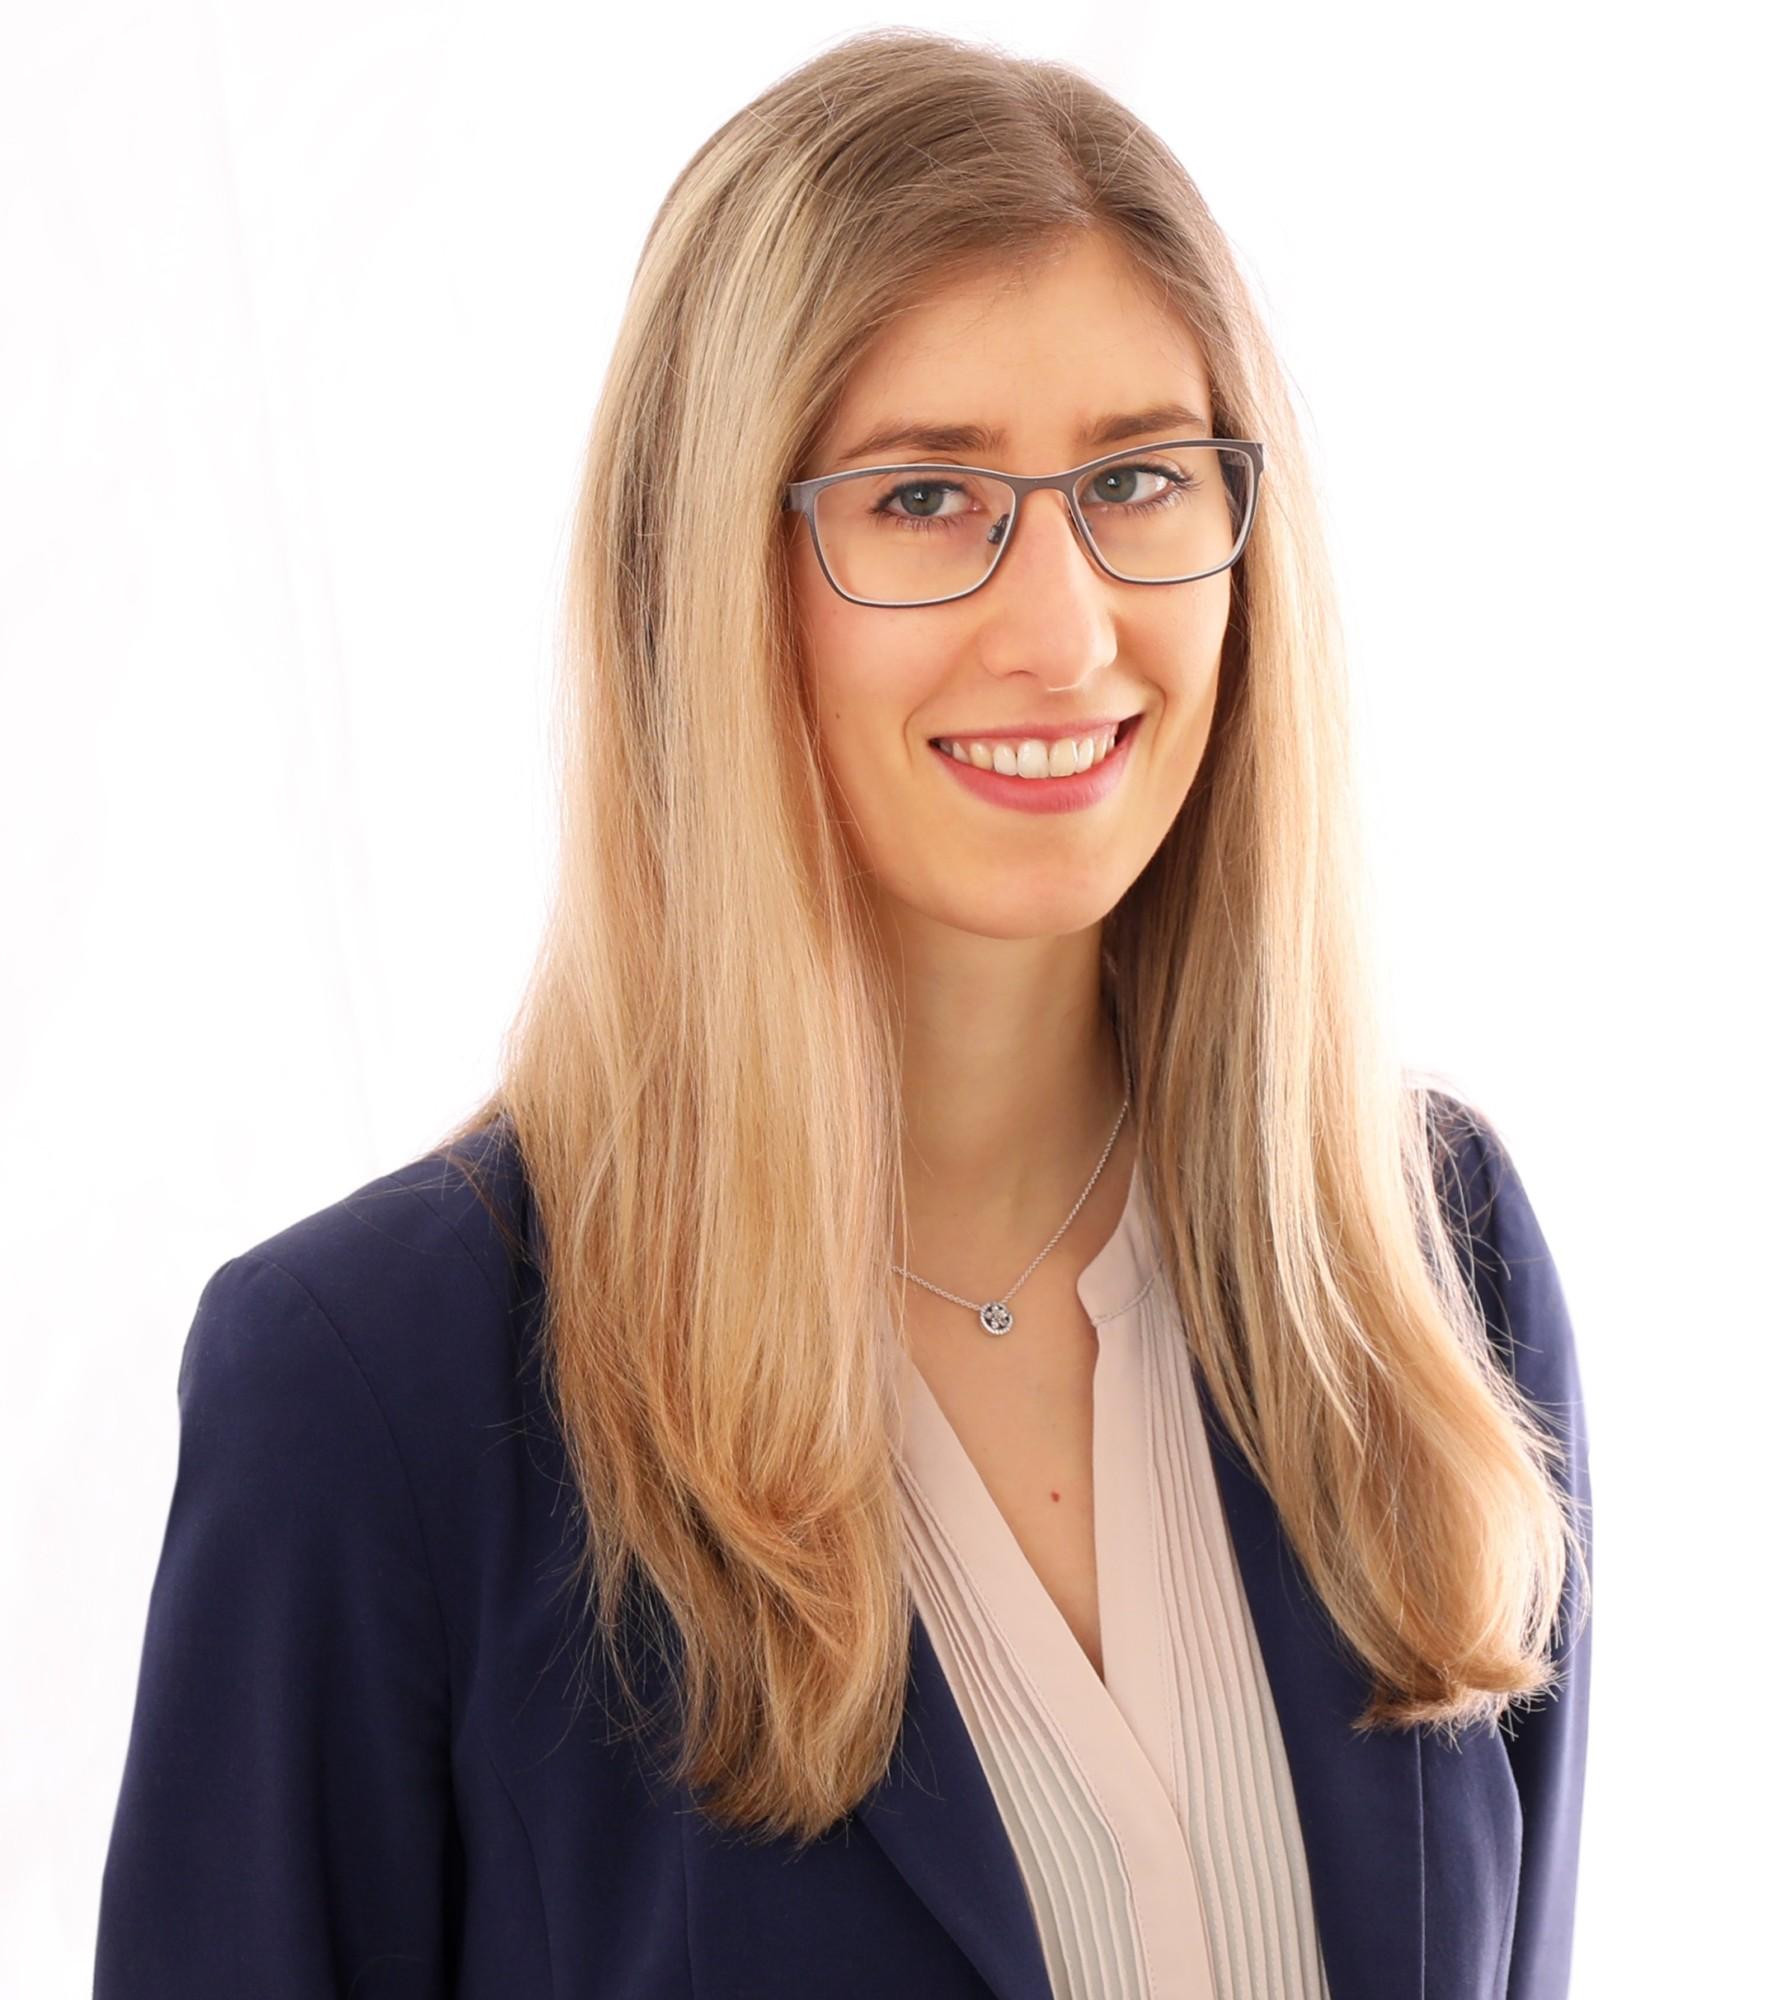 Stefanie Schächtner